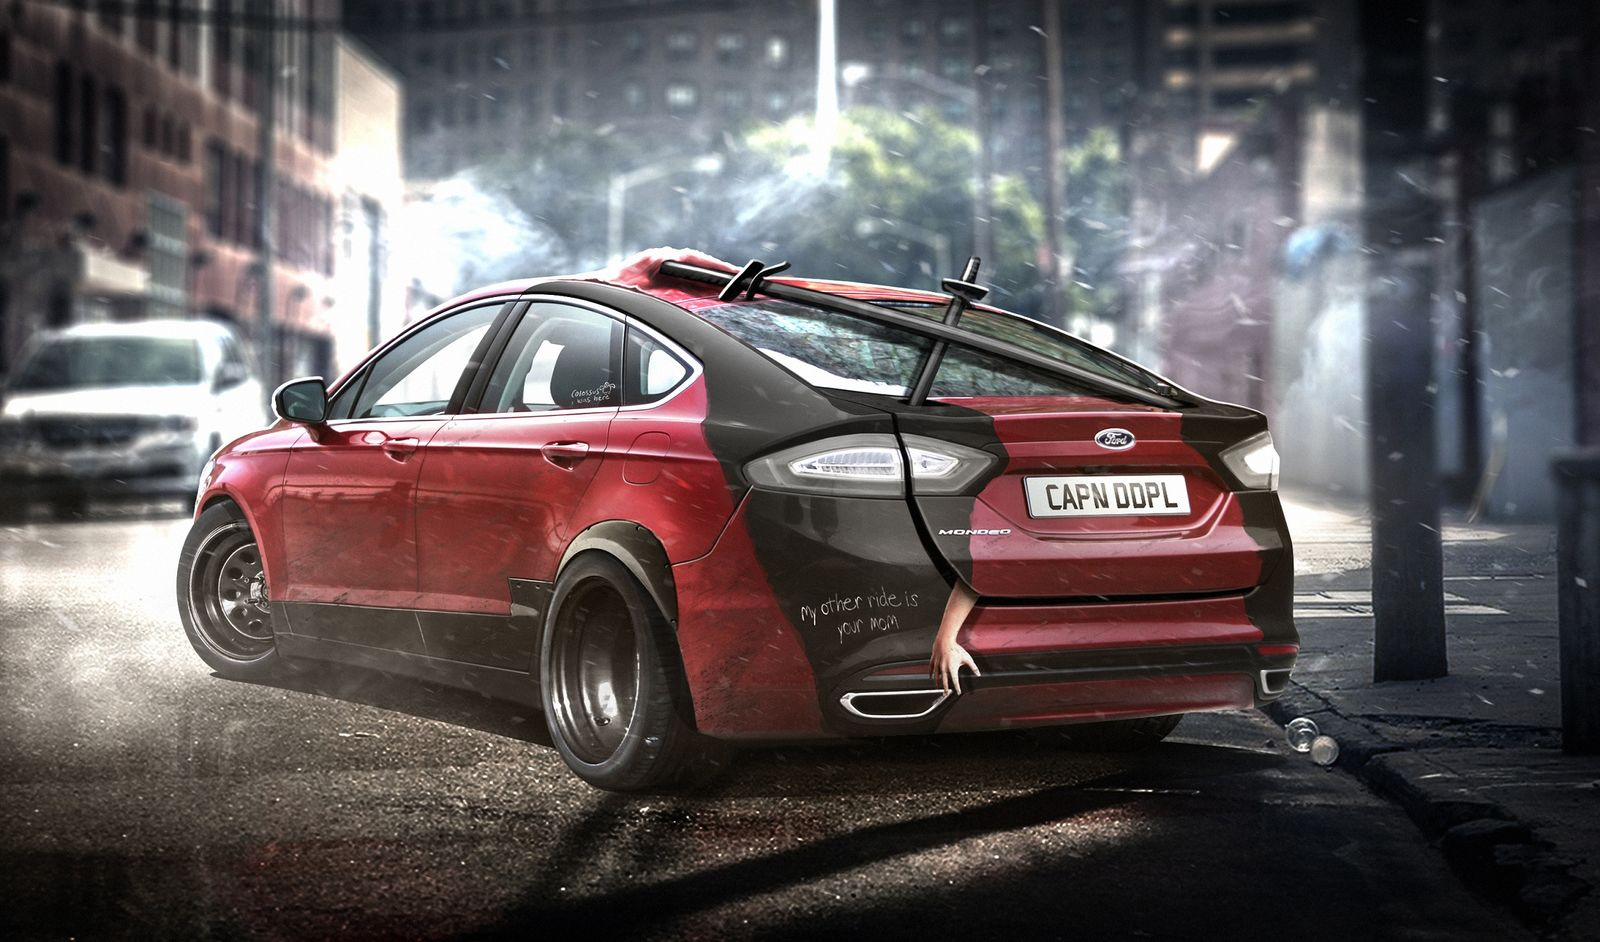 superhero-car-designs-opn-gallery-3.jpg